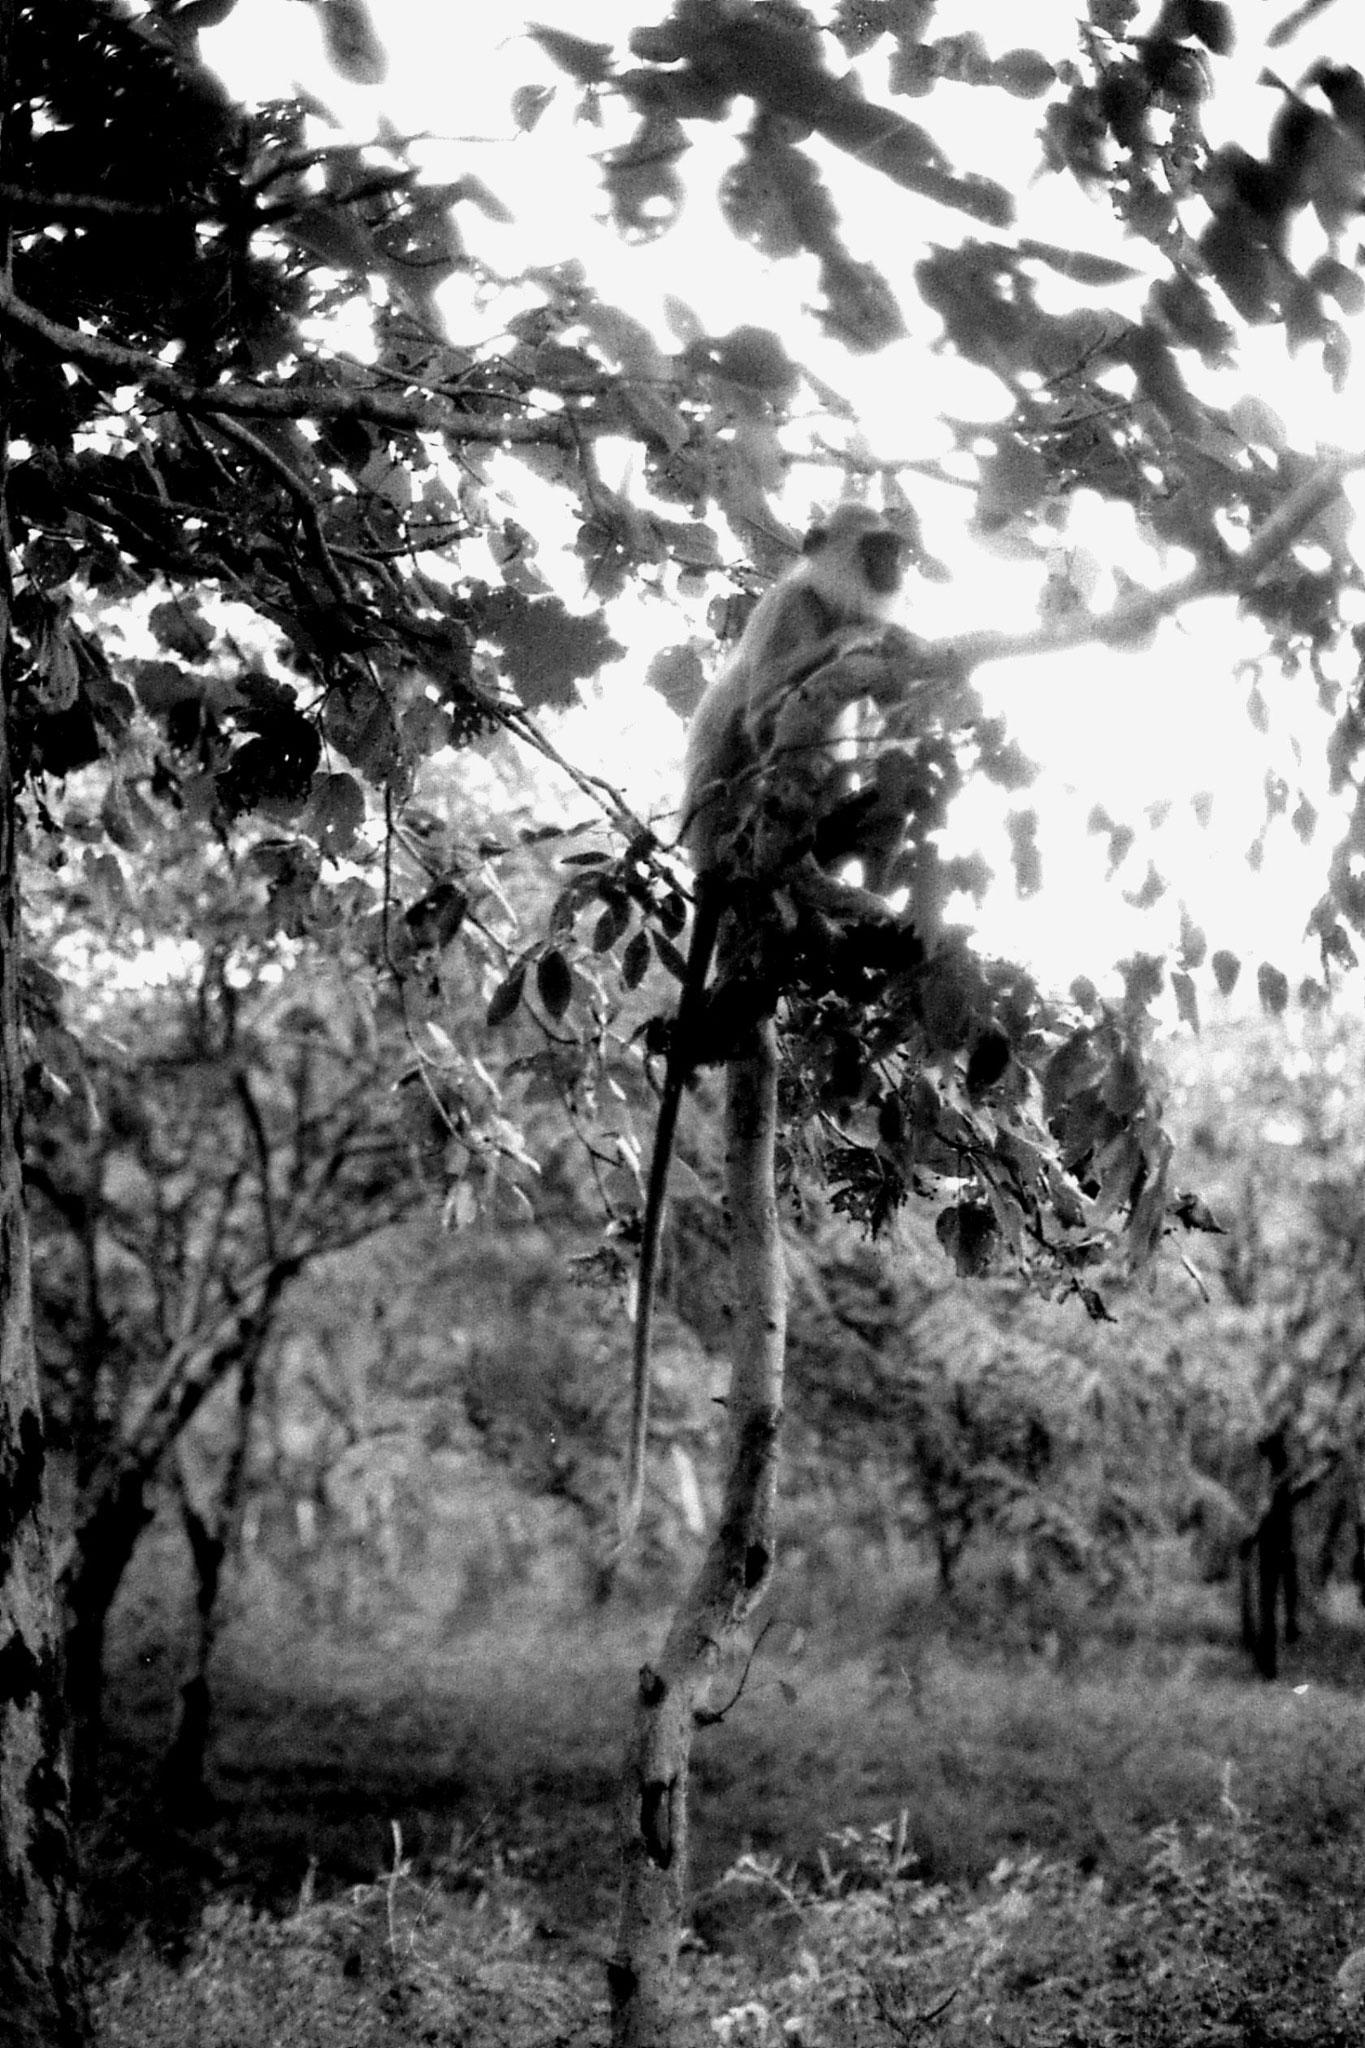 7/2/90: 16: Polonnaruwa